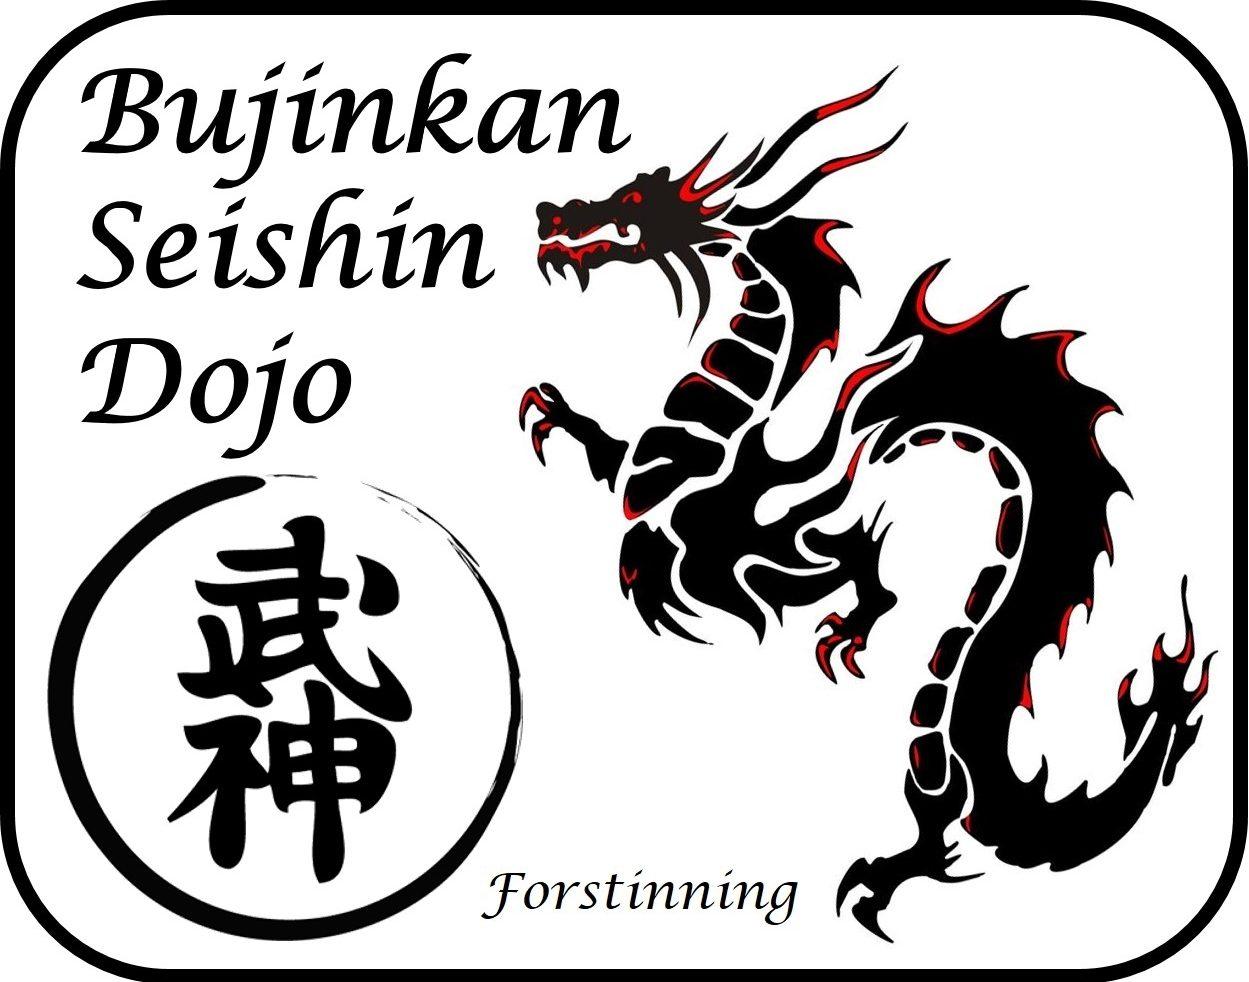 Bujinkan Seishin Dojo Forstinning